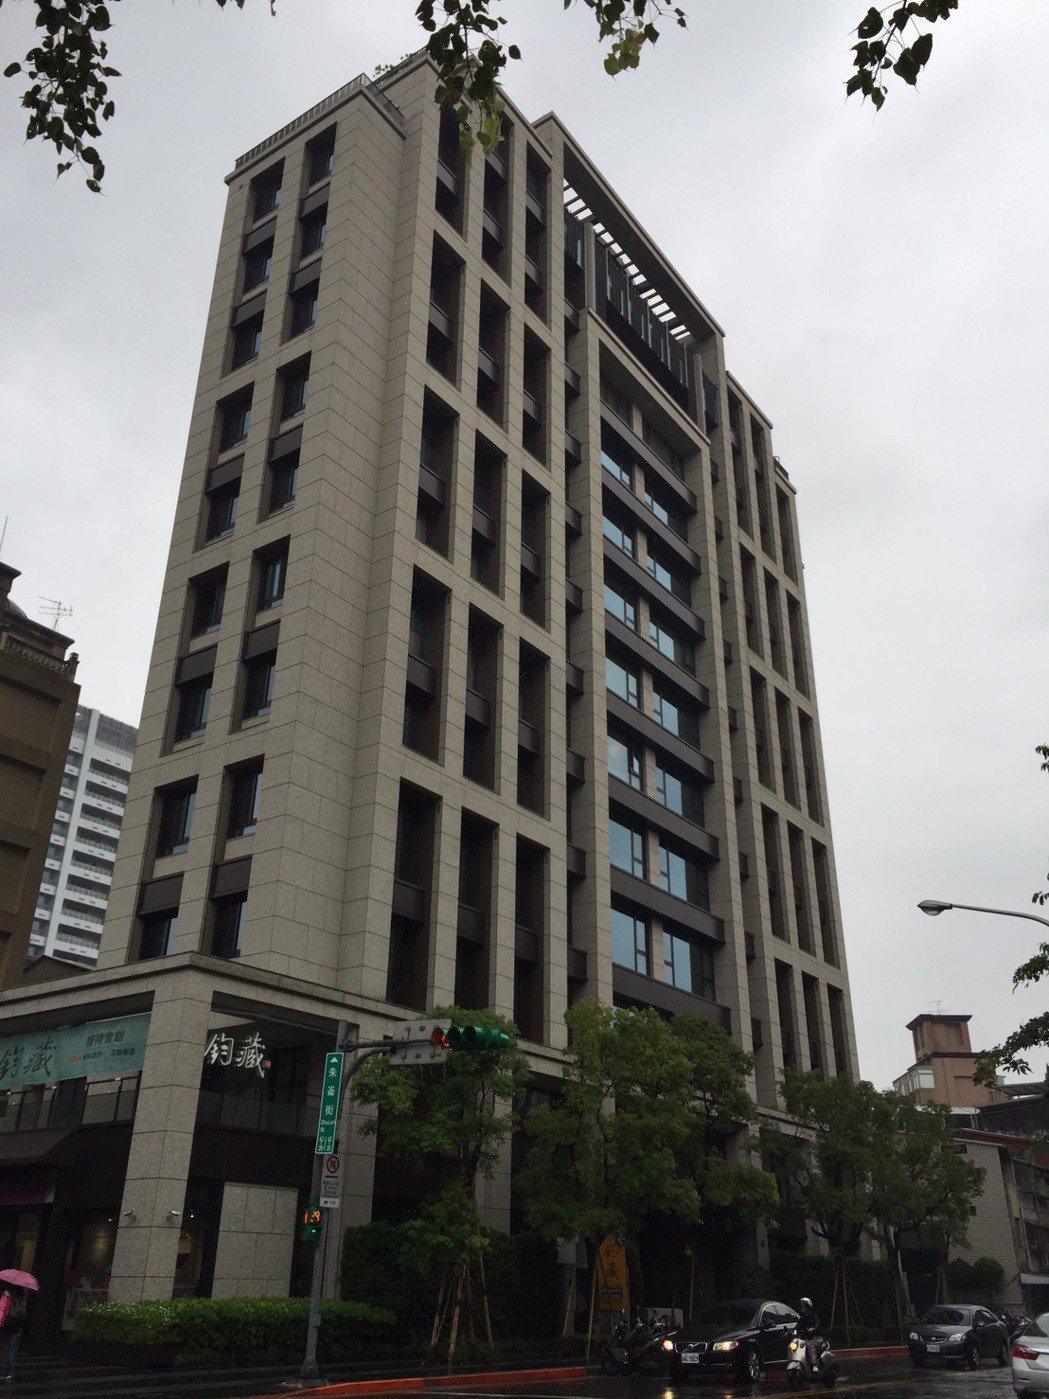 實價揭露,朱崙街豪宅「鈞藏」再成交兩戶。圖/台灣房屋提供